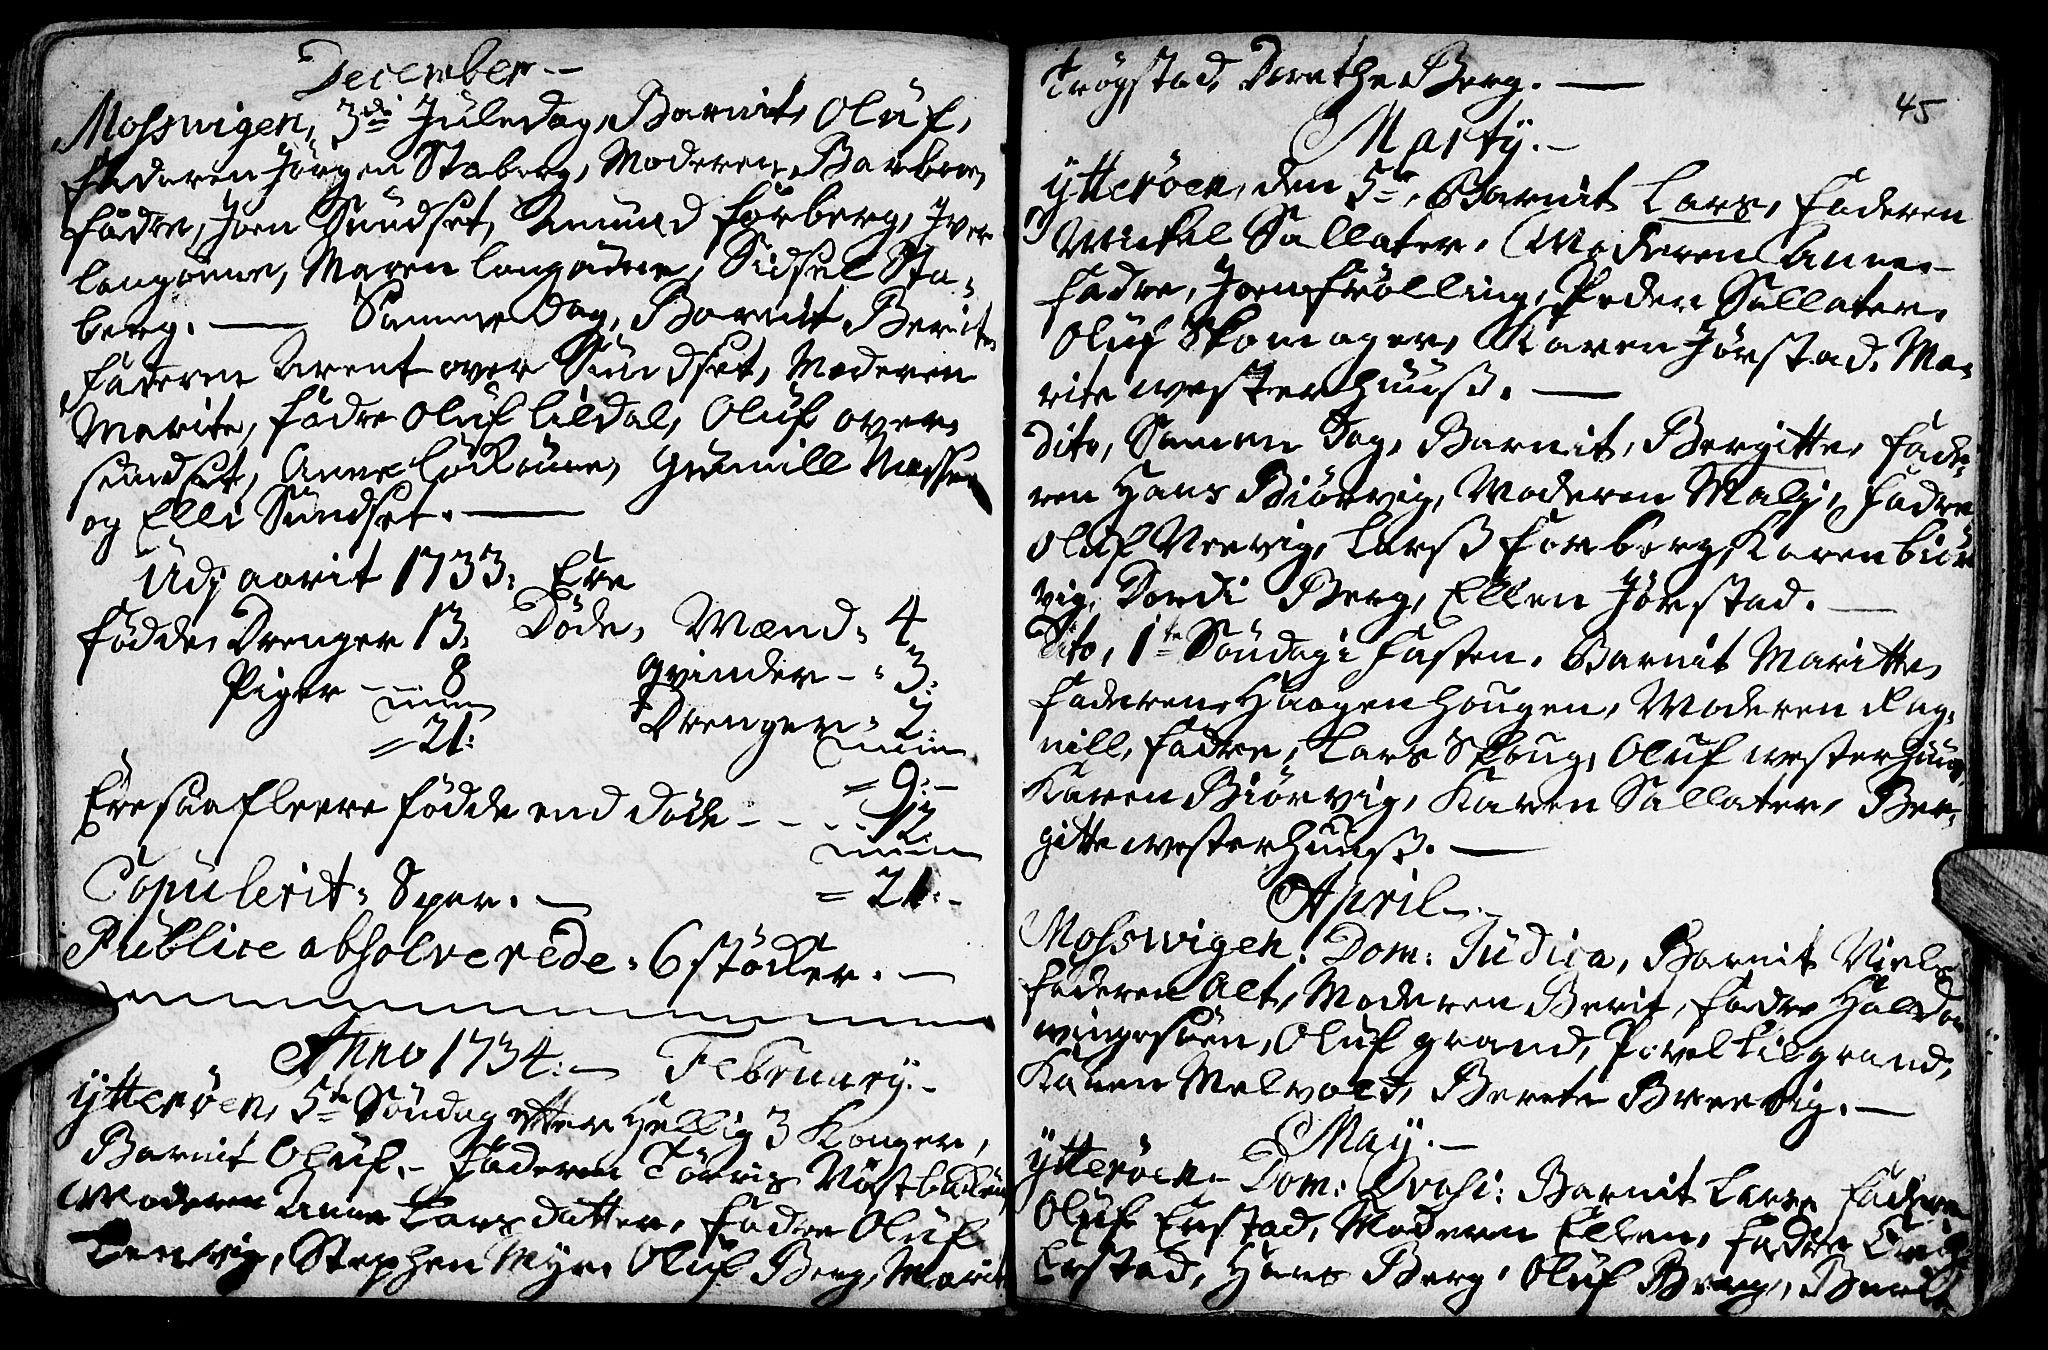 SAT, Ministerialprotokoller, klokkerbøker og fødselsregistre - Nord-Trøndelag, 722/L0215: Parish register (official) no. 722A02, 1718-1755, p. 45